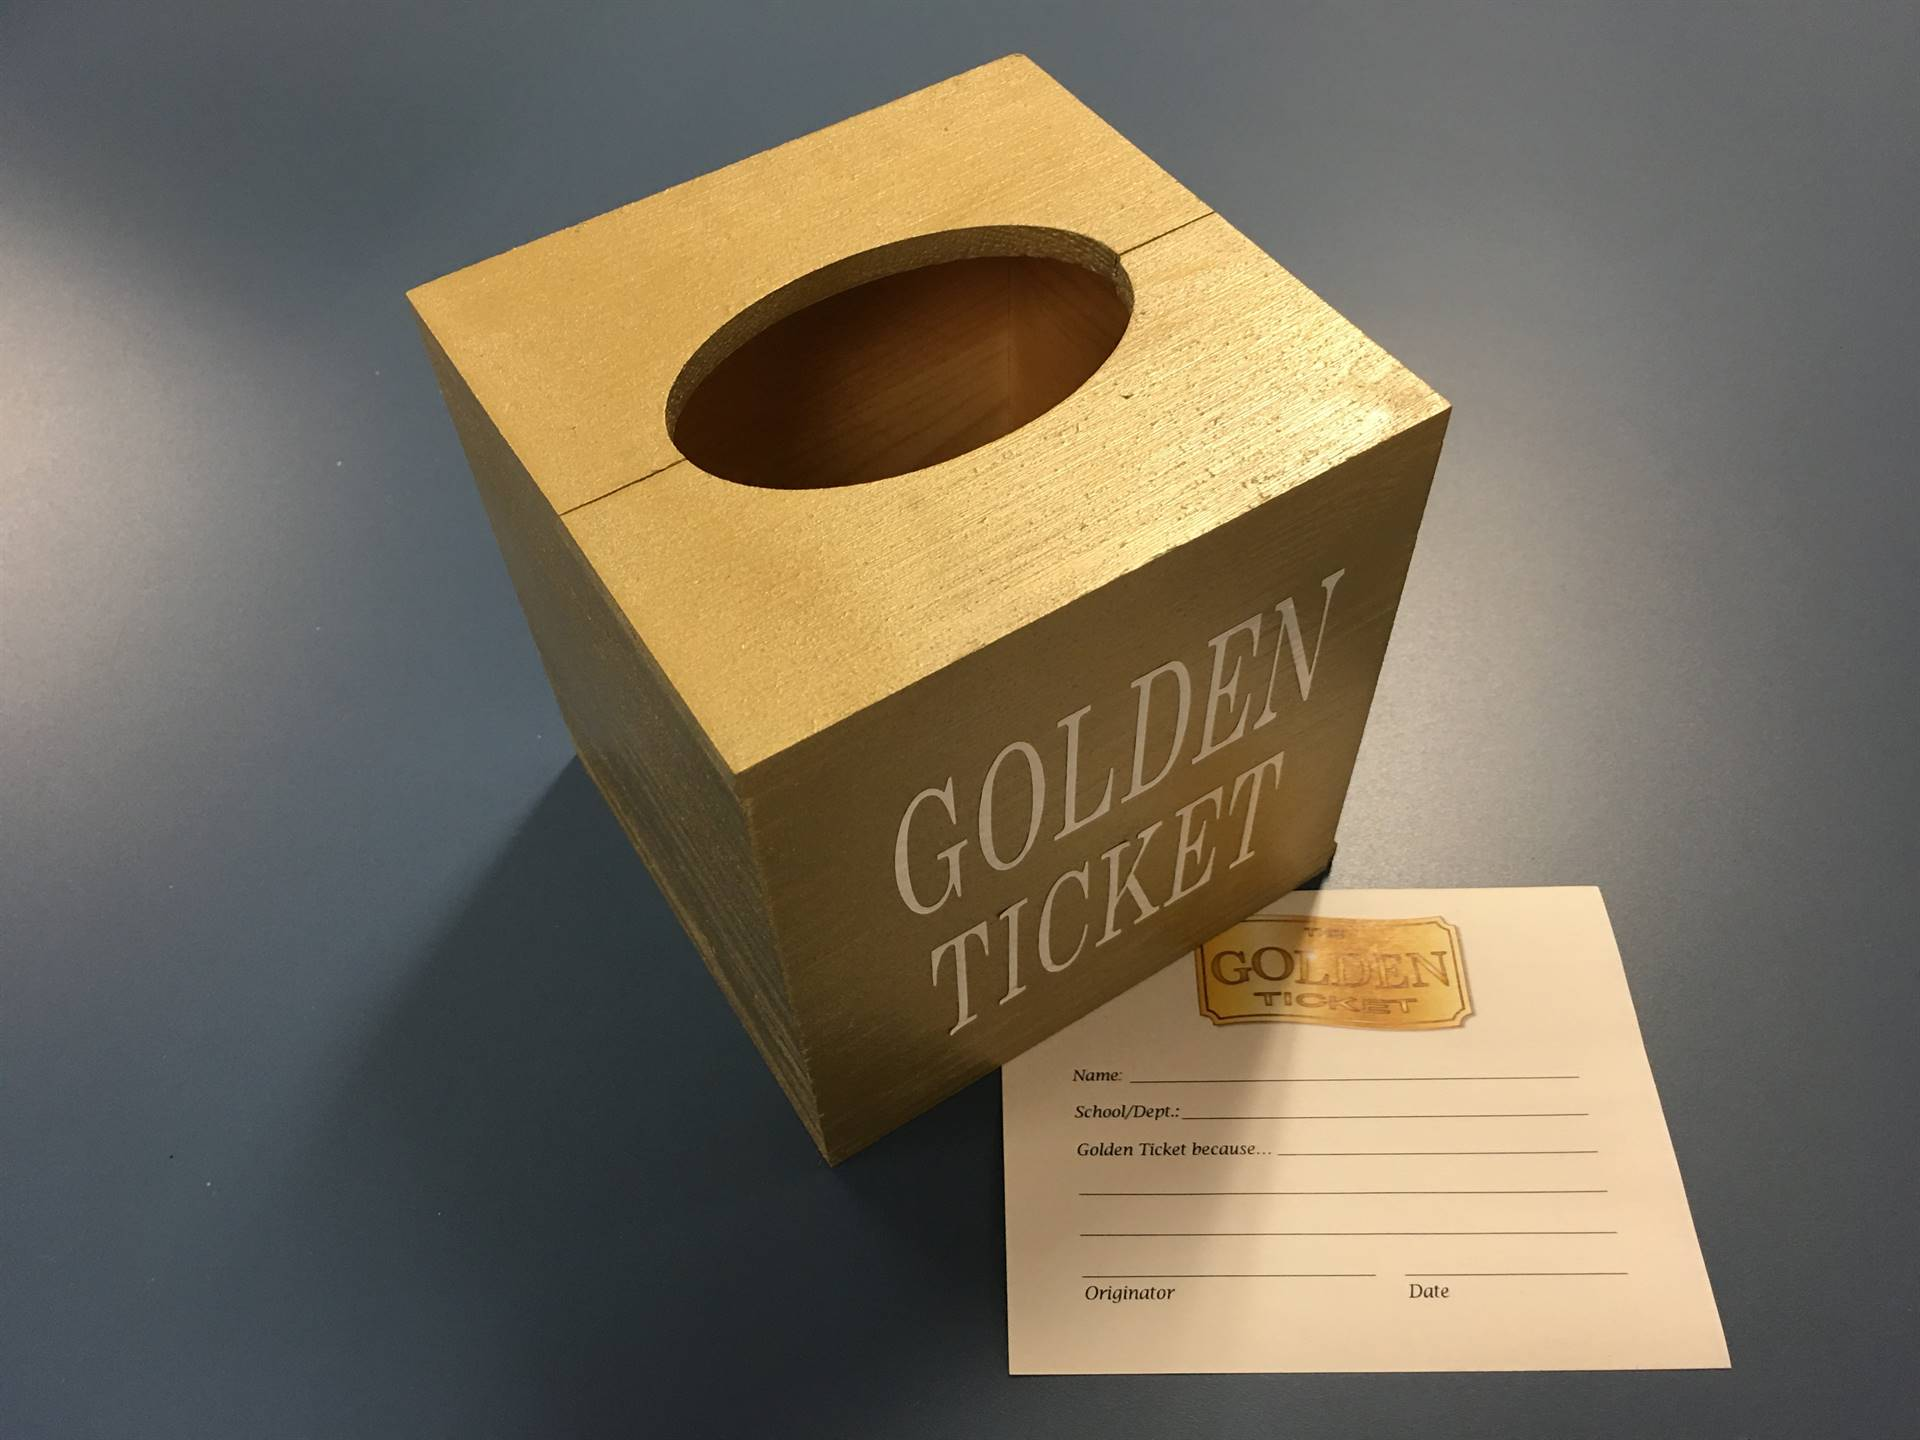 Golden Ticket (4)